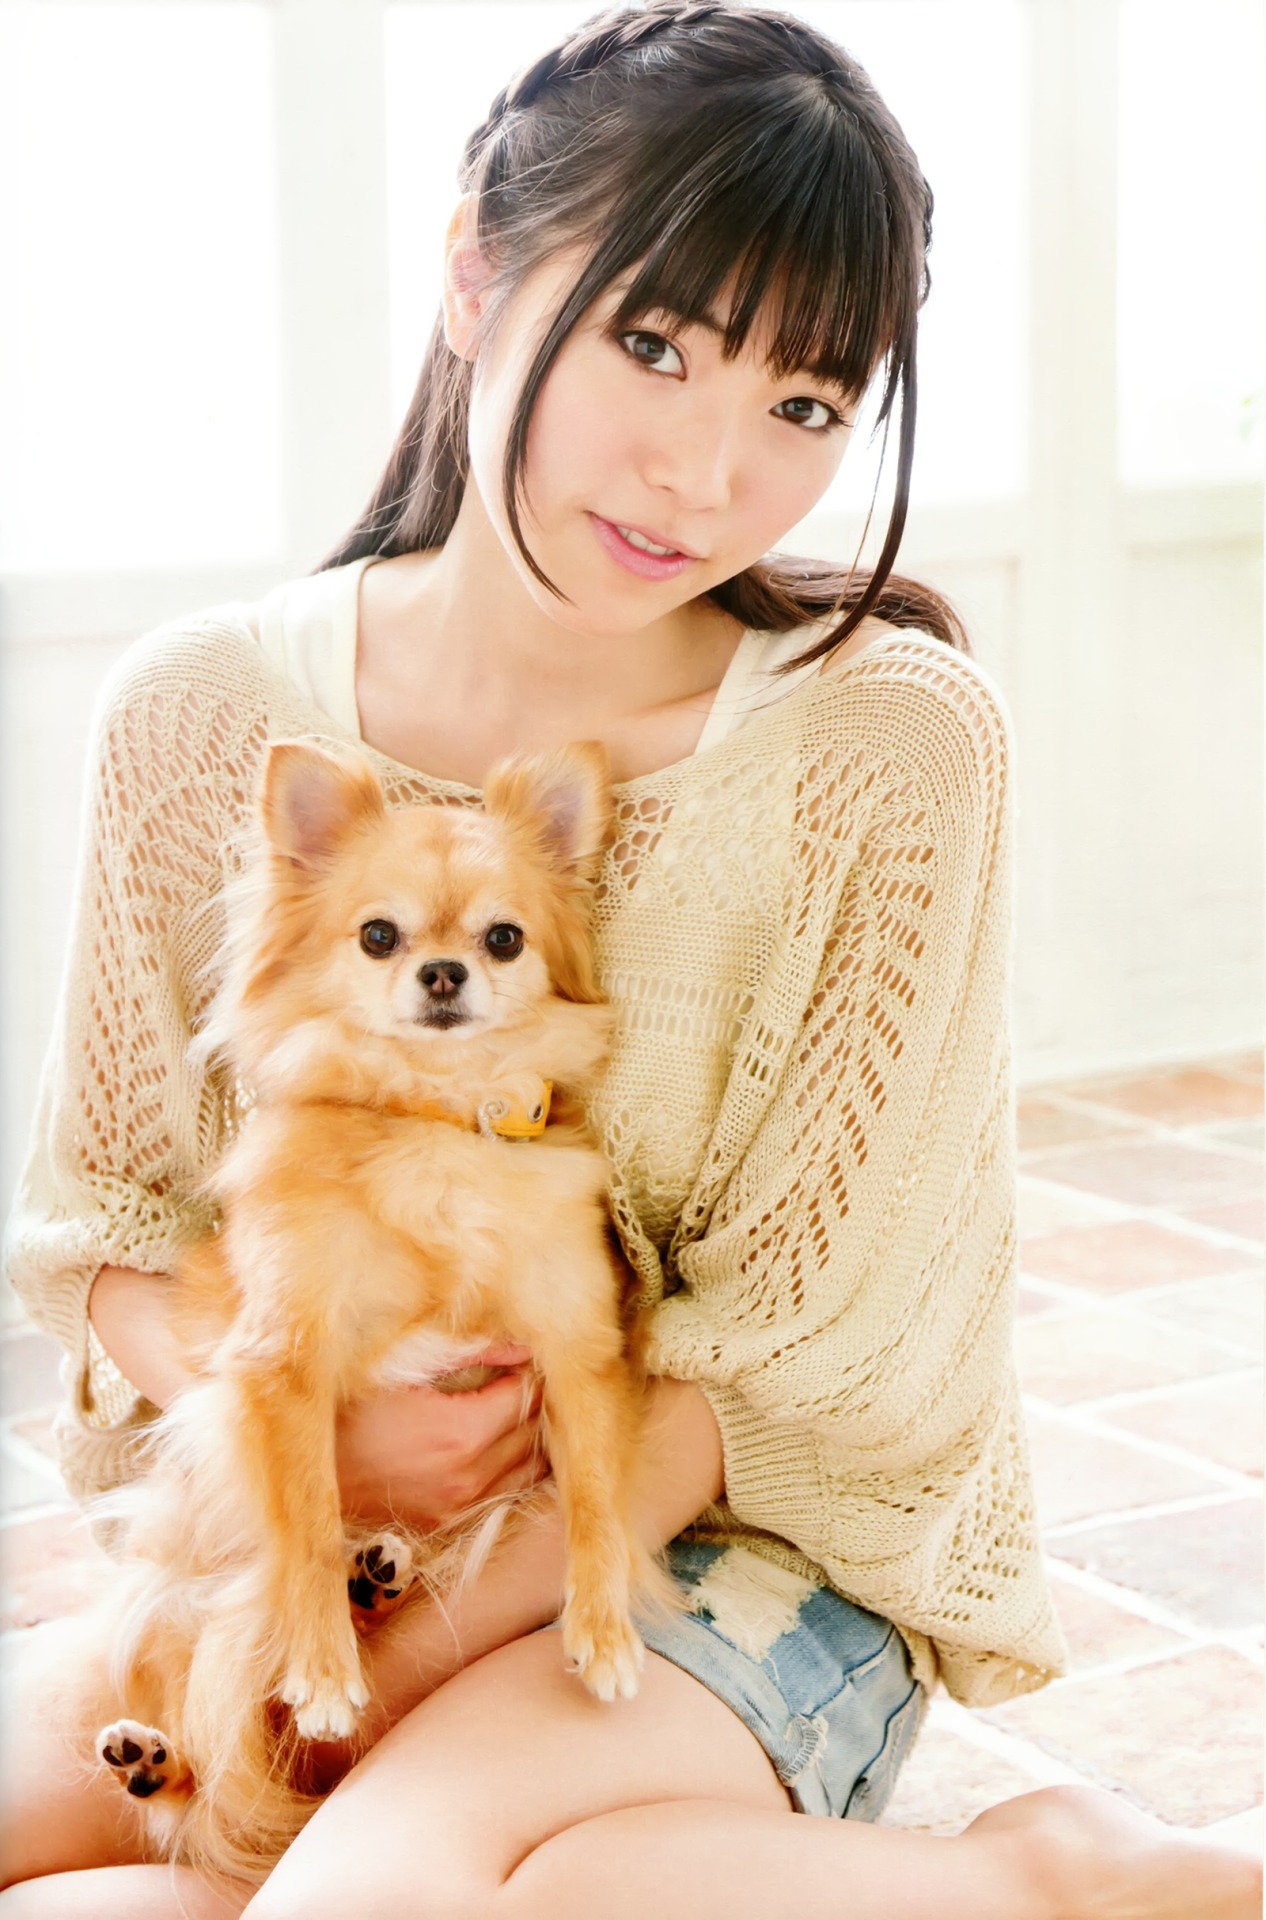 ishihara_kaori066.jpg